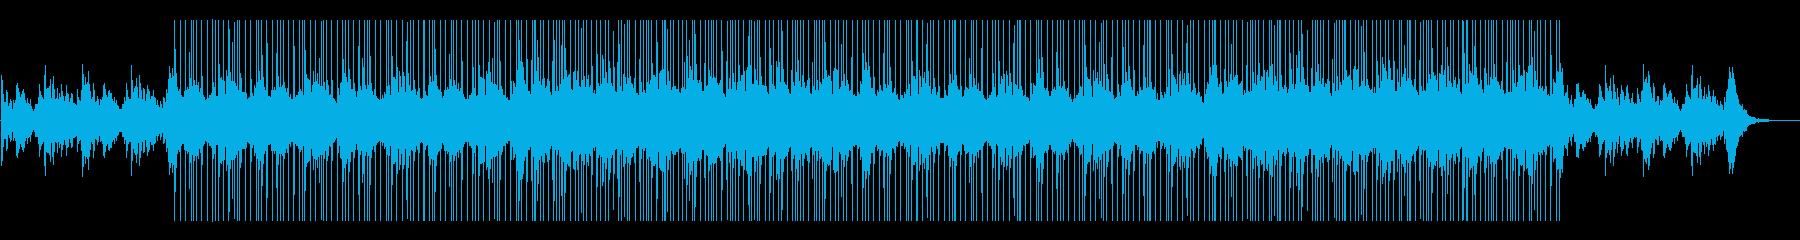 幸せなウェディングなどに合うピアノ曲の再生済みの波形